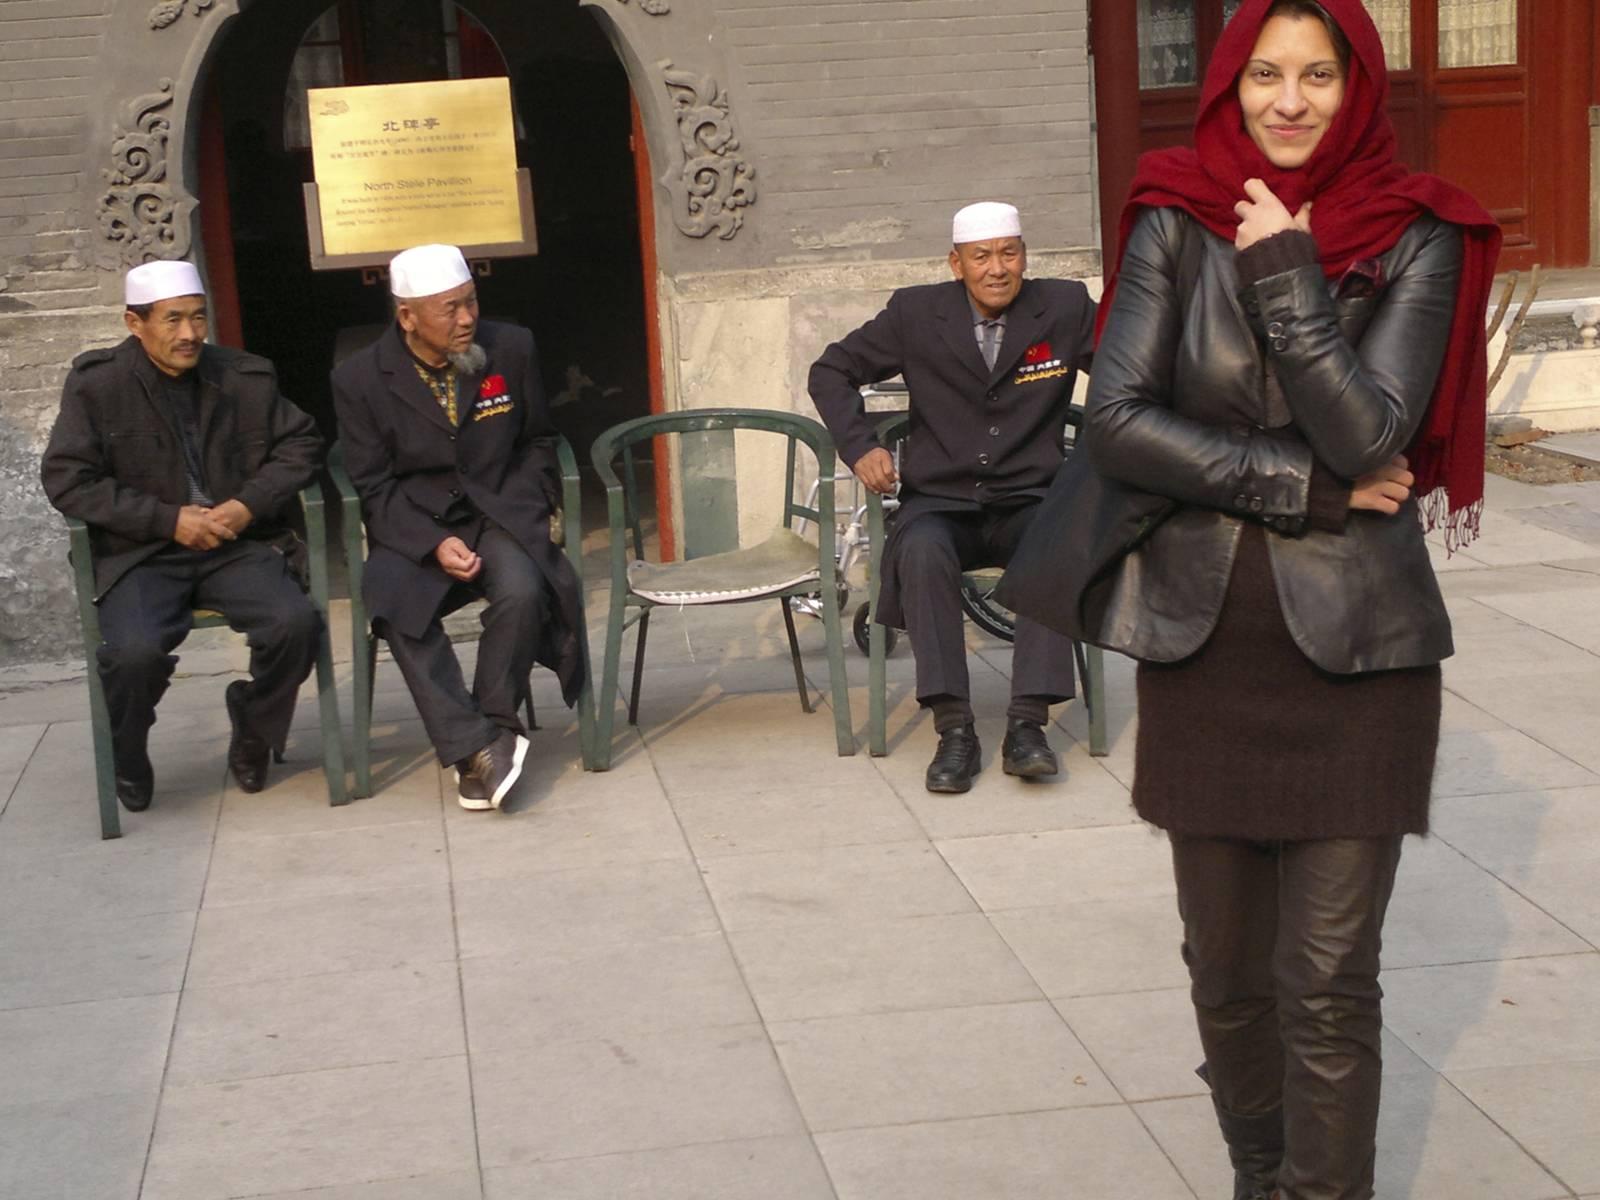 Cina-china-muslim-chinese-uigur